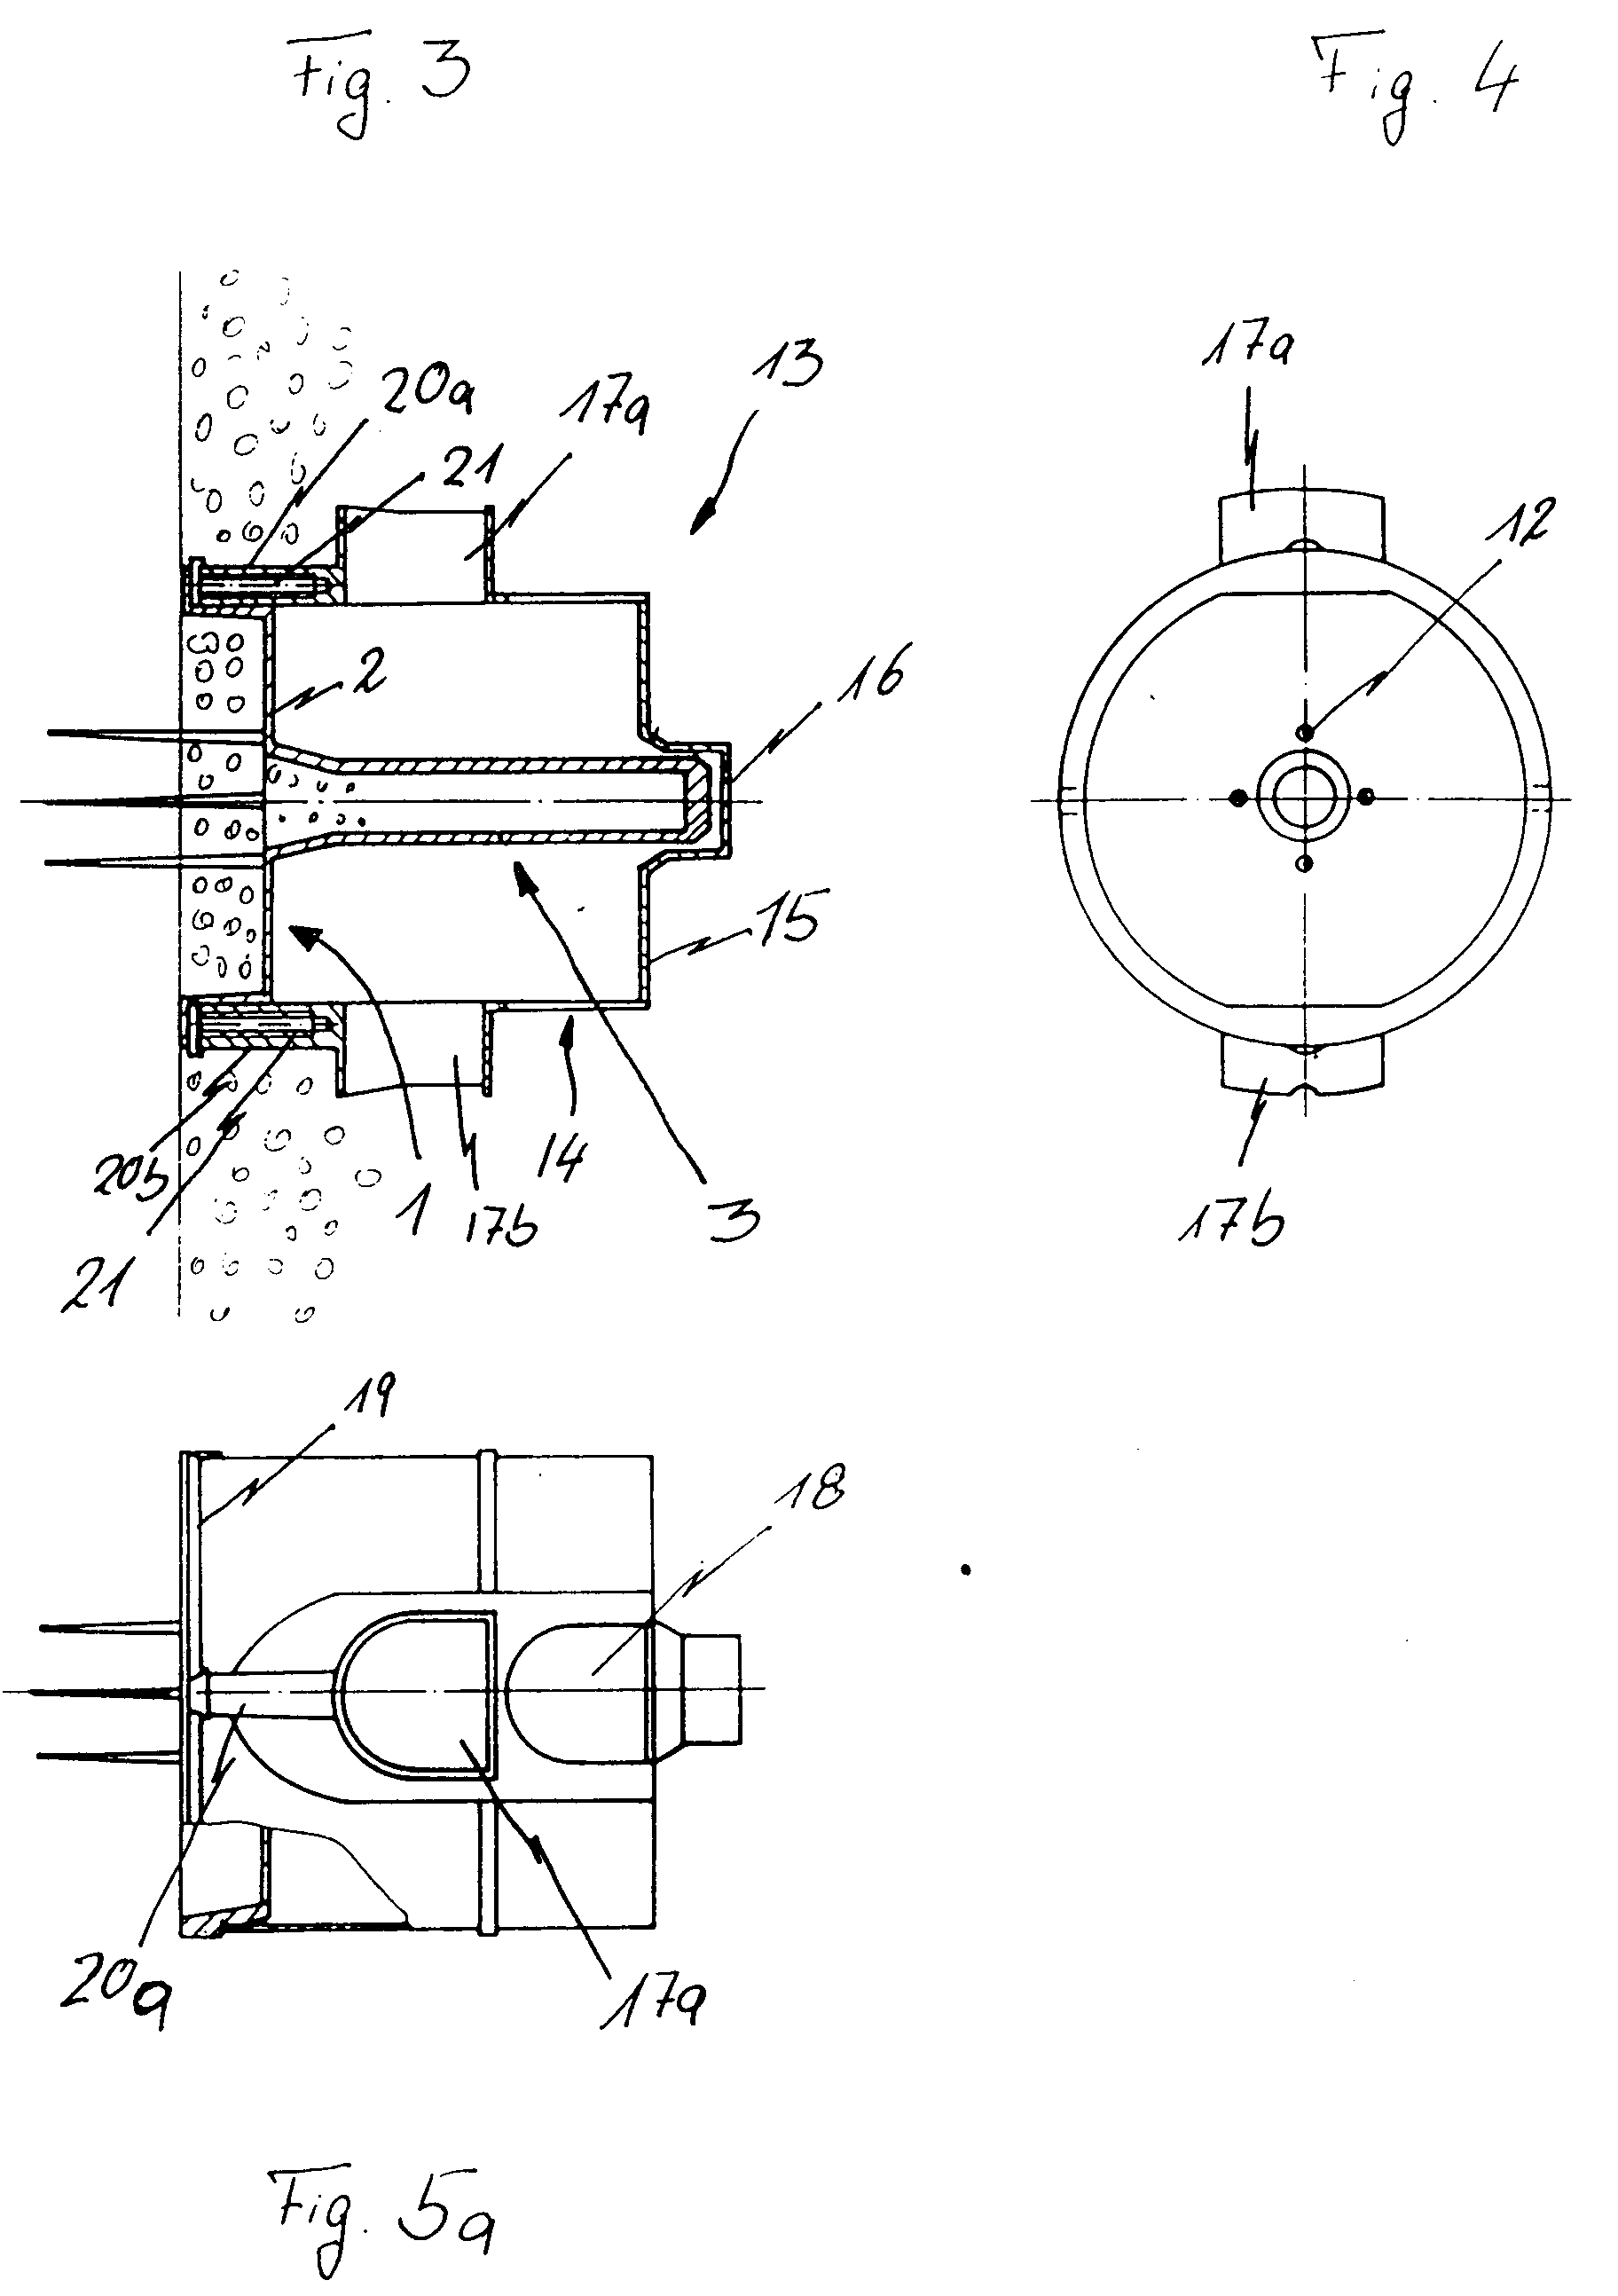 Relativ Unterputzdose mit Verschlussdeckel und Verfahren zur Installation JO77